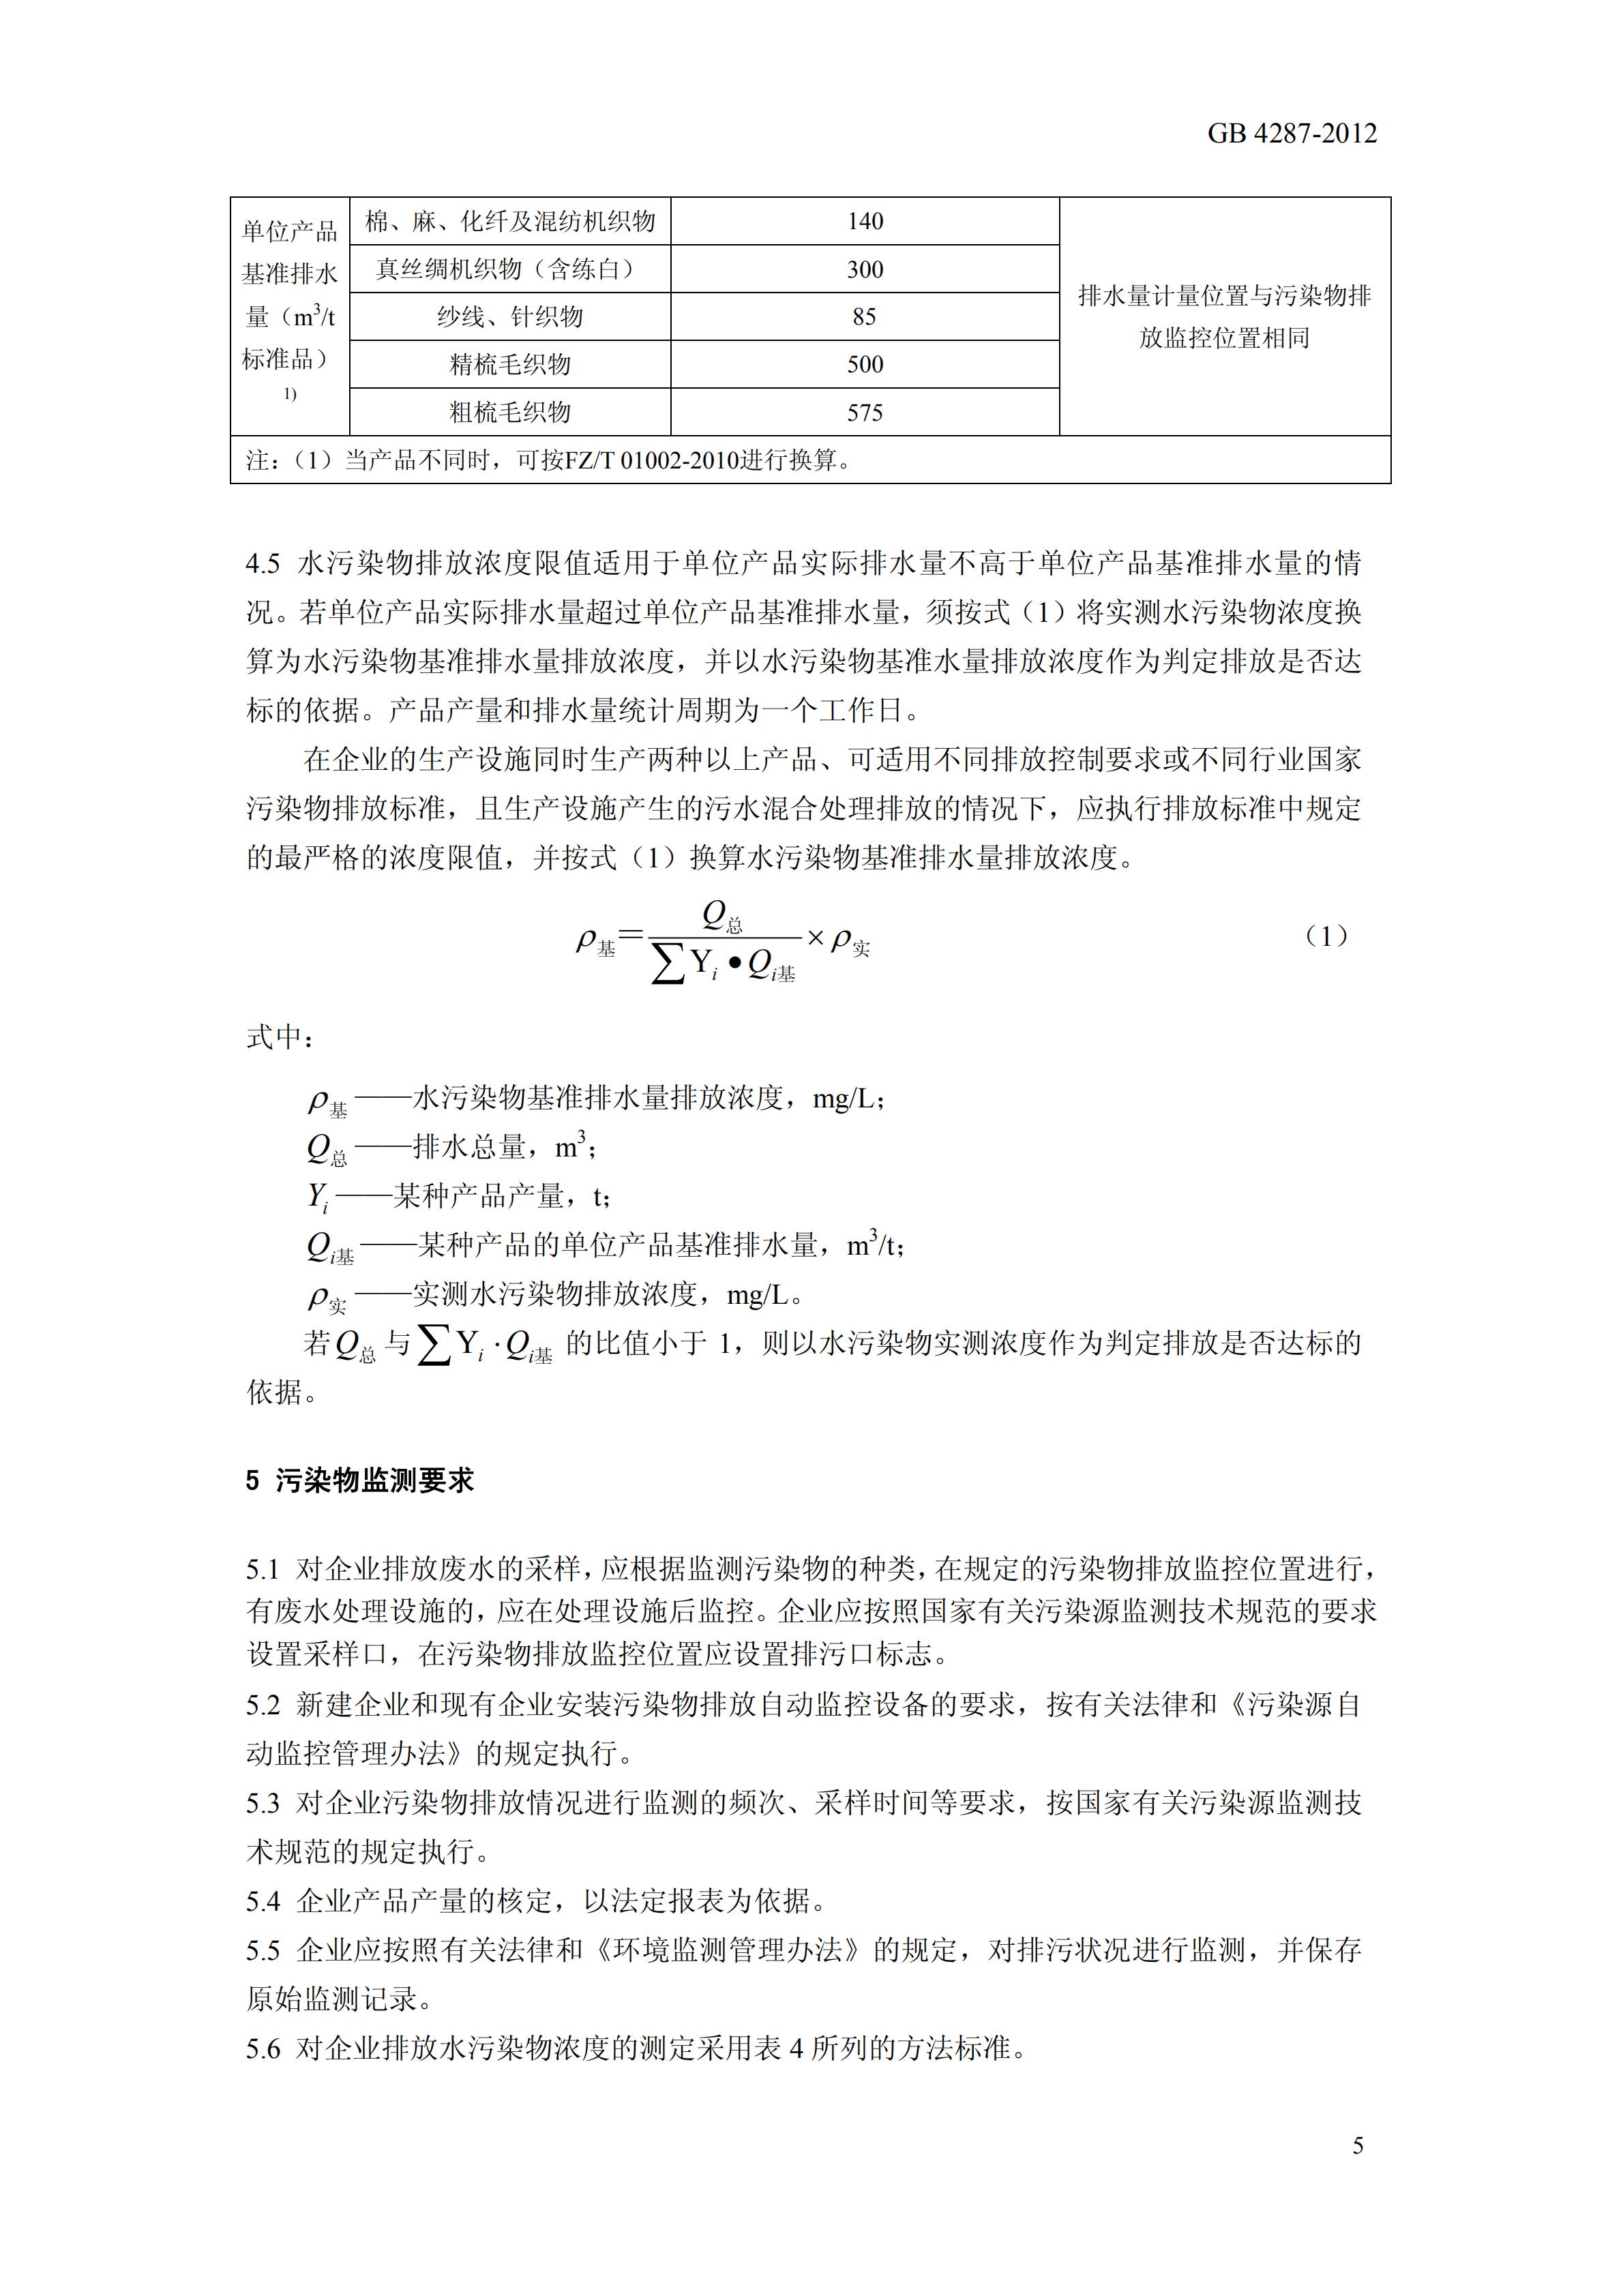 《纺织染整工业水污染物排放标准》GB4287-2012代替GB4287-92_07